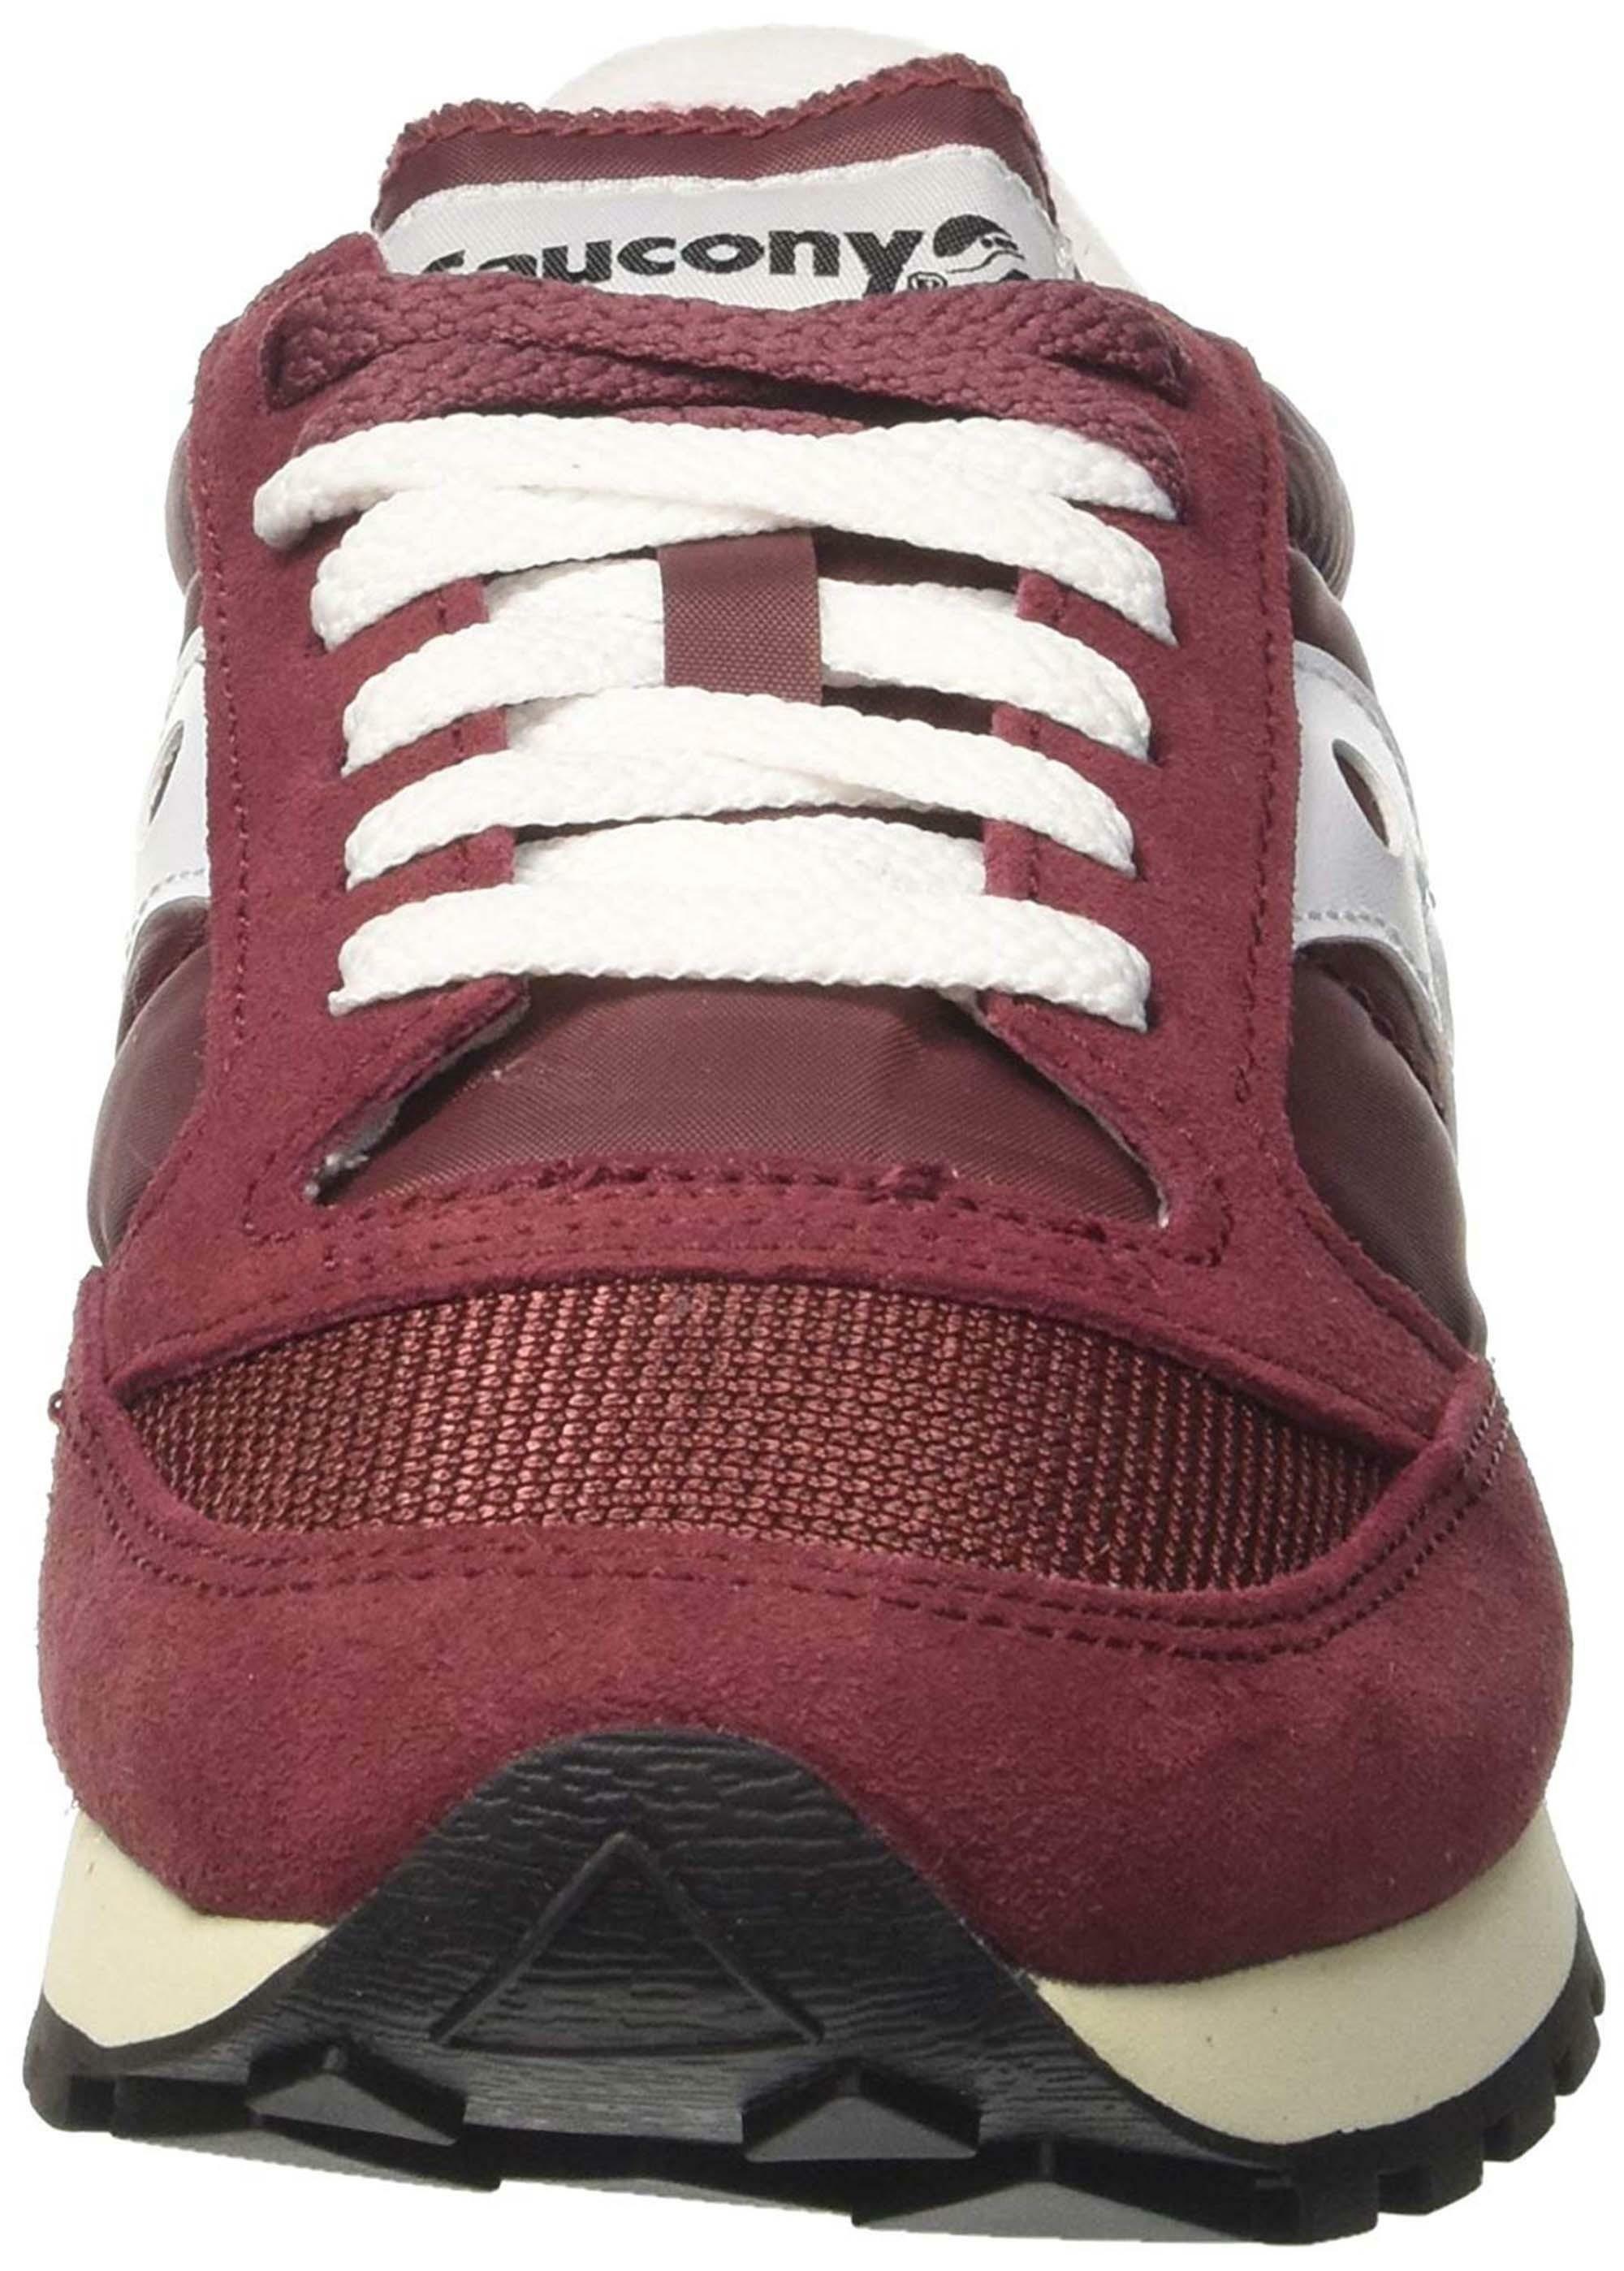 saucony saucony jazz original vintage scarpe sportive donna bordeaux s6036827